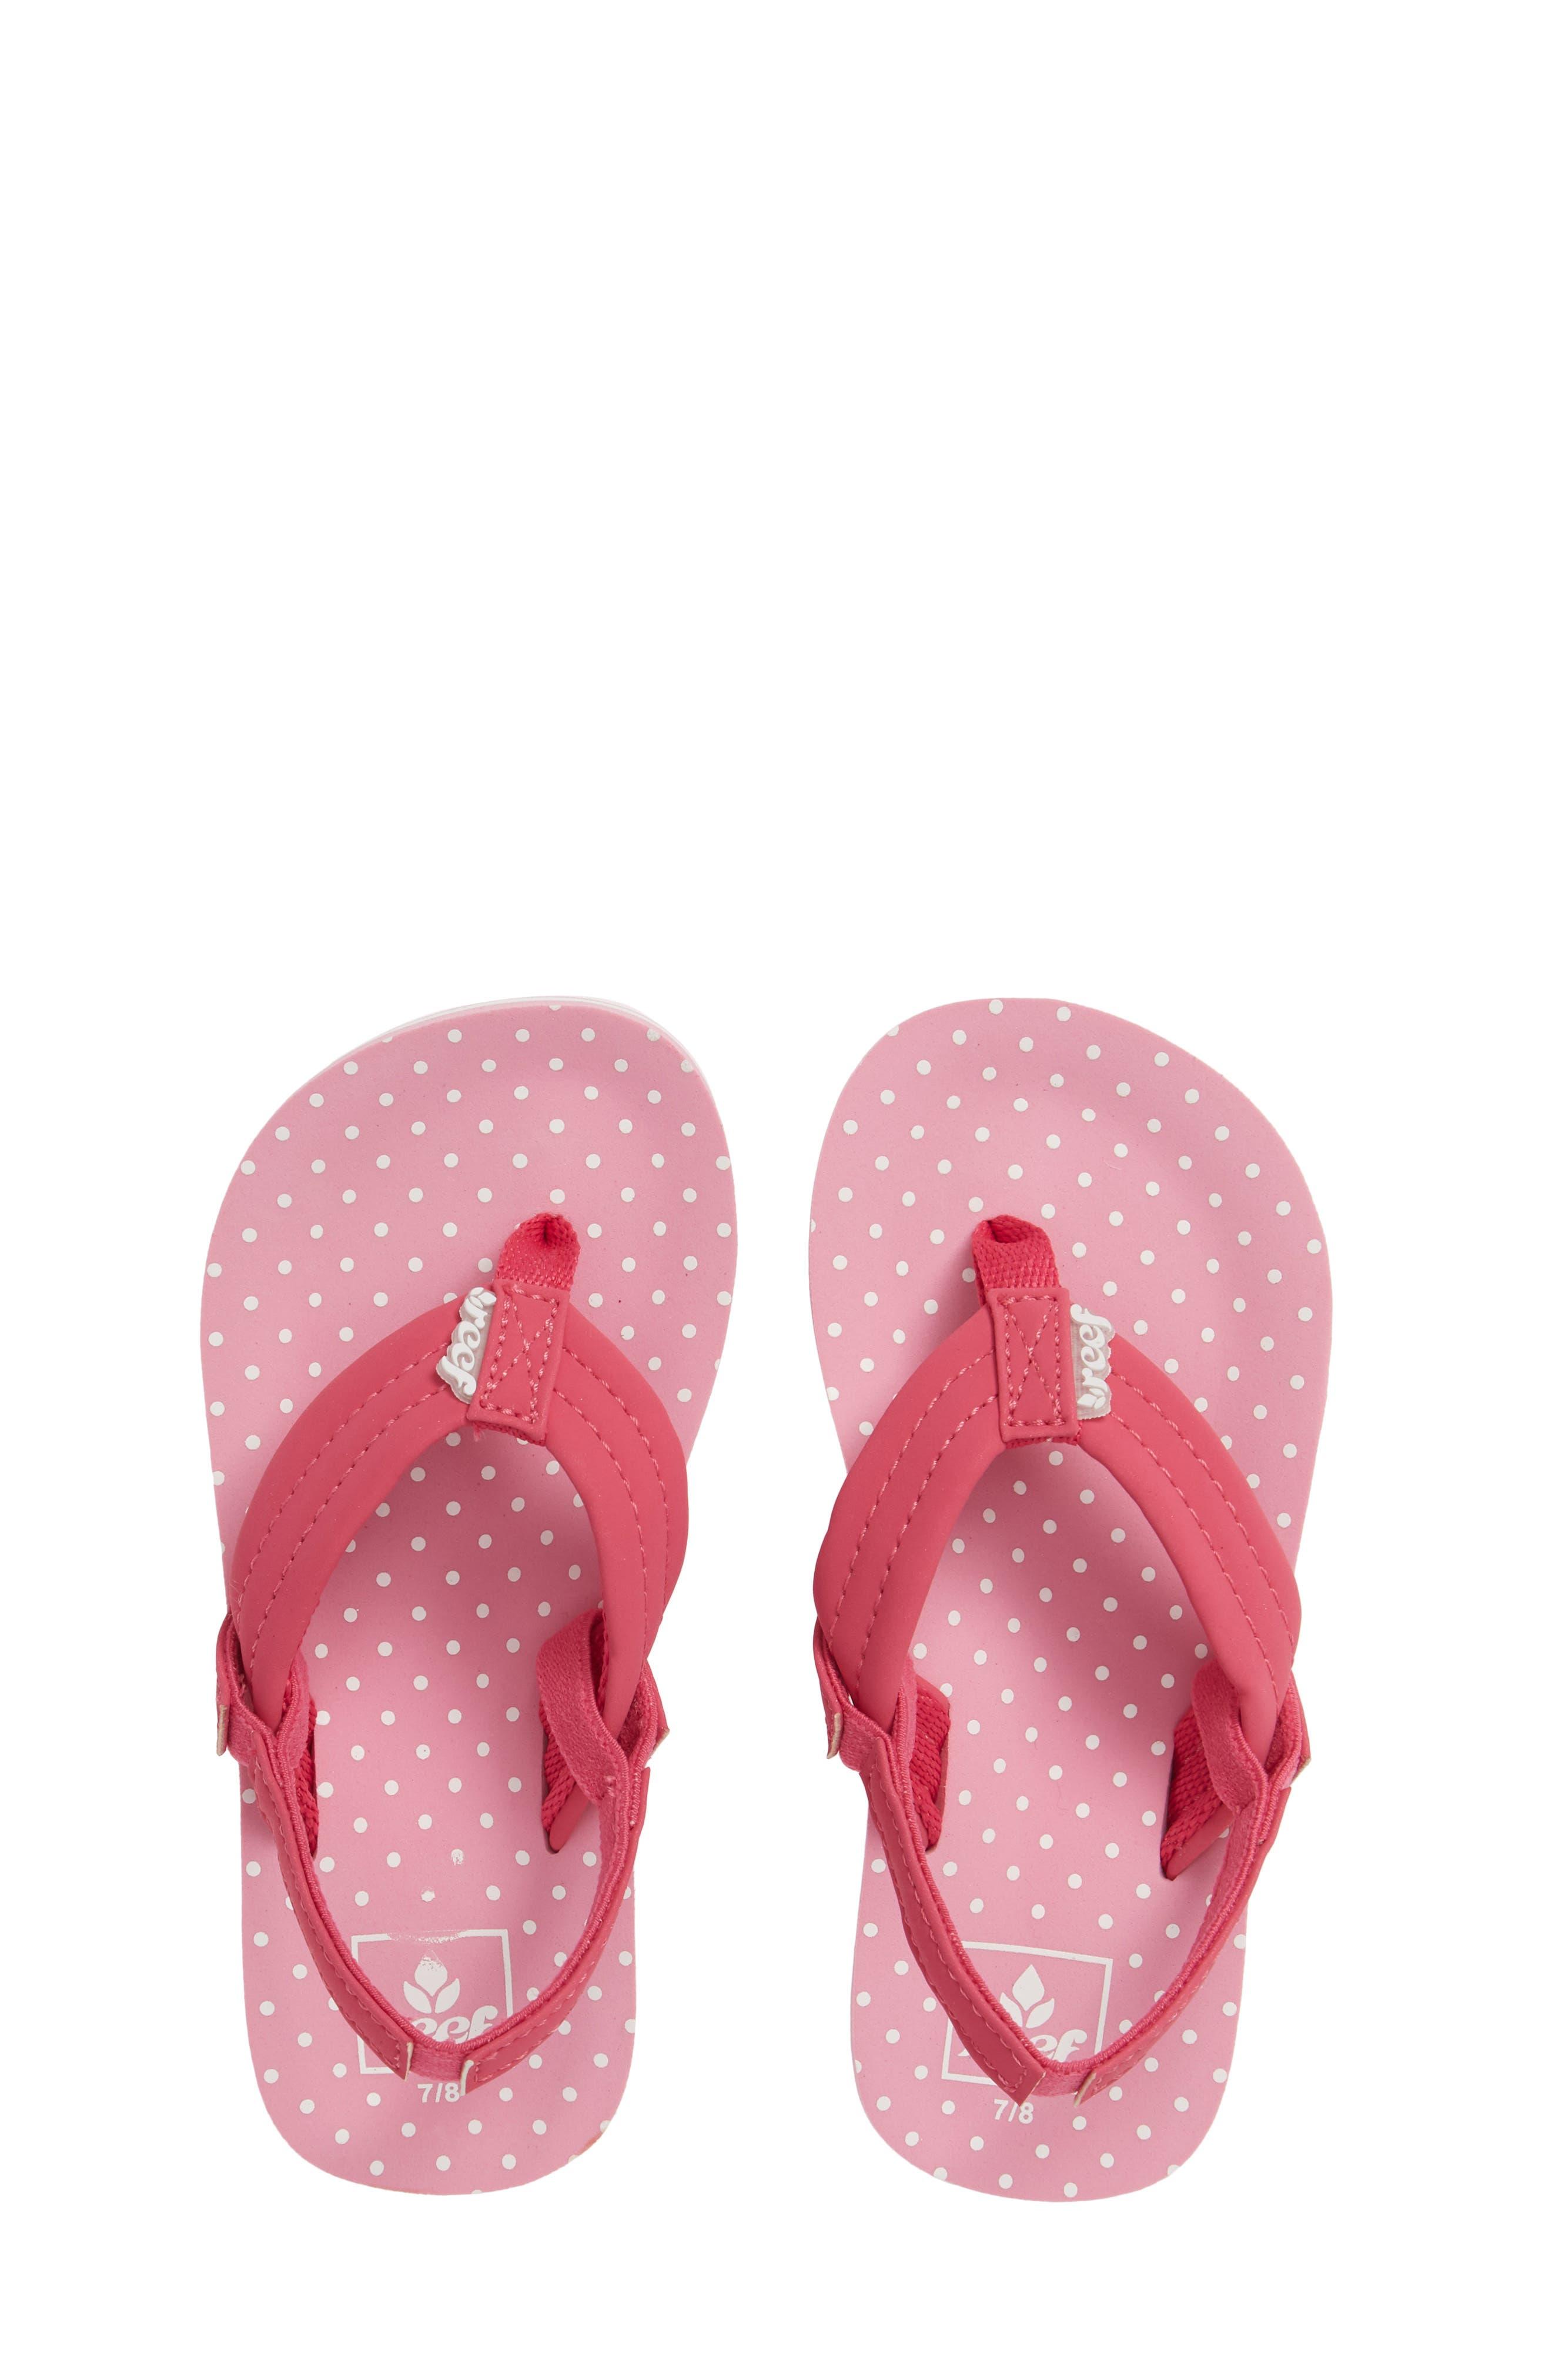 Infant Reef Little Ahi Sandal Size 34 M  Pink